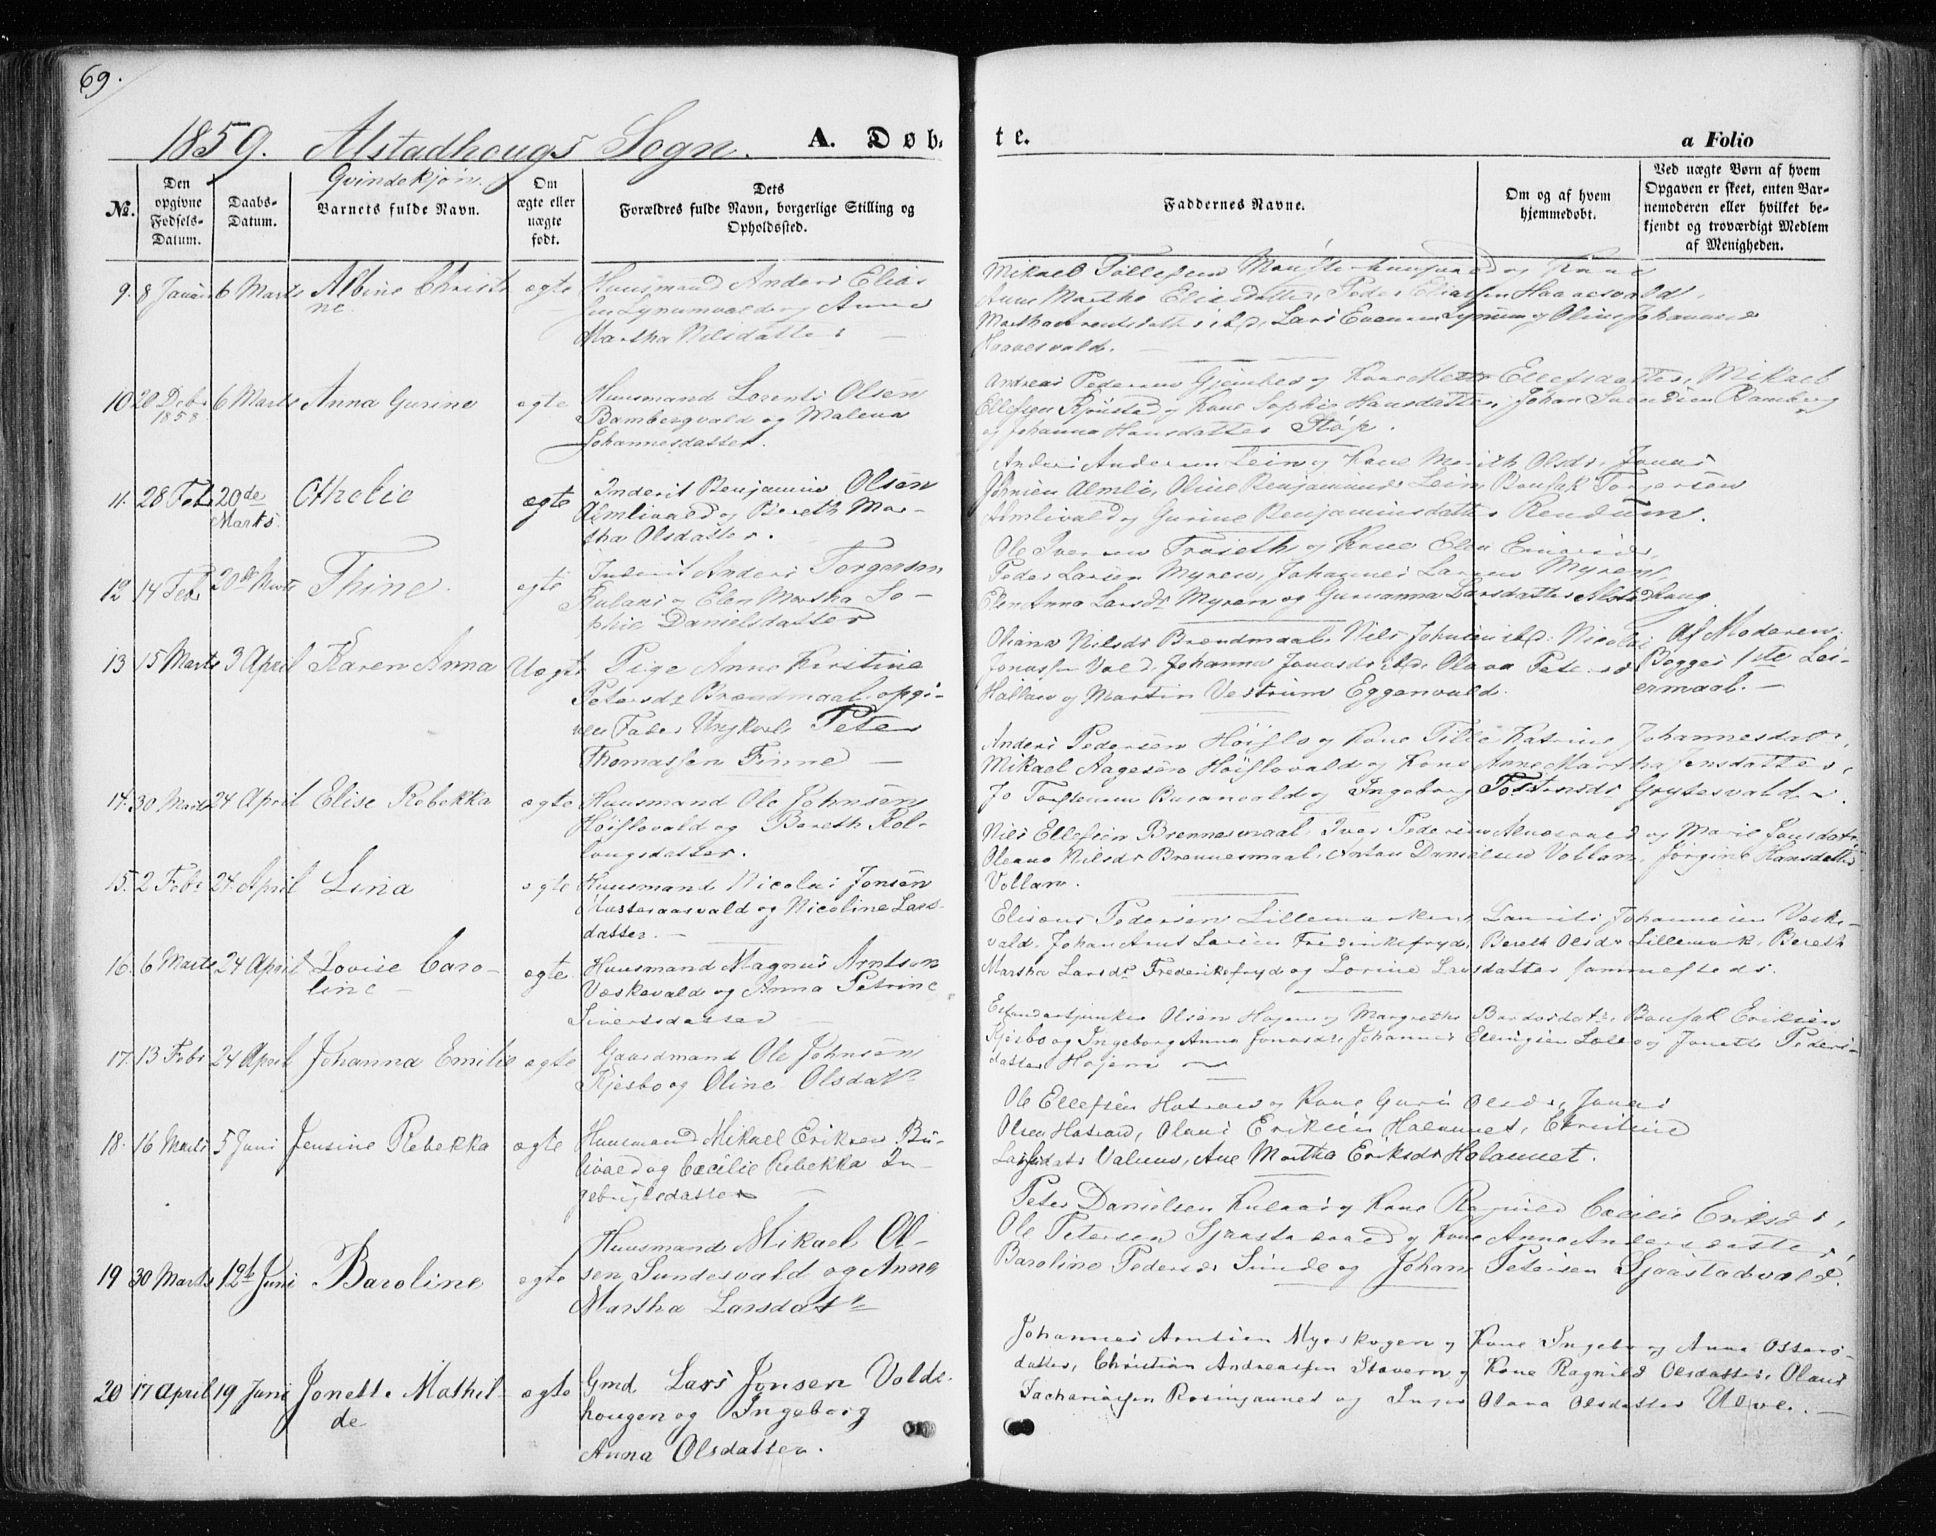 SAT, Ministerialprotokoller, klokkerbøker og fødselsregistre - Nord-Trøndelag, 717/L0154: Ministerialbok nr. 717A07 /1, 1850-1862, s. 69